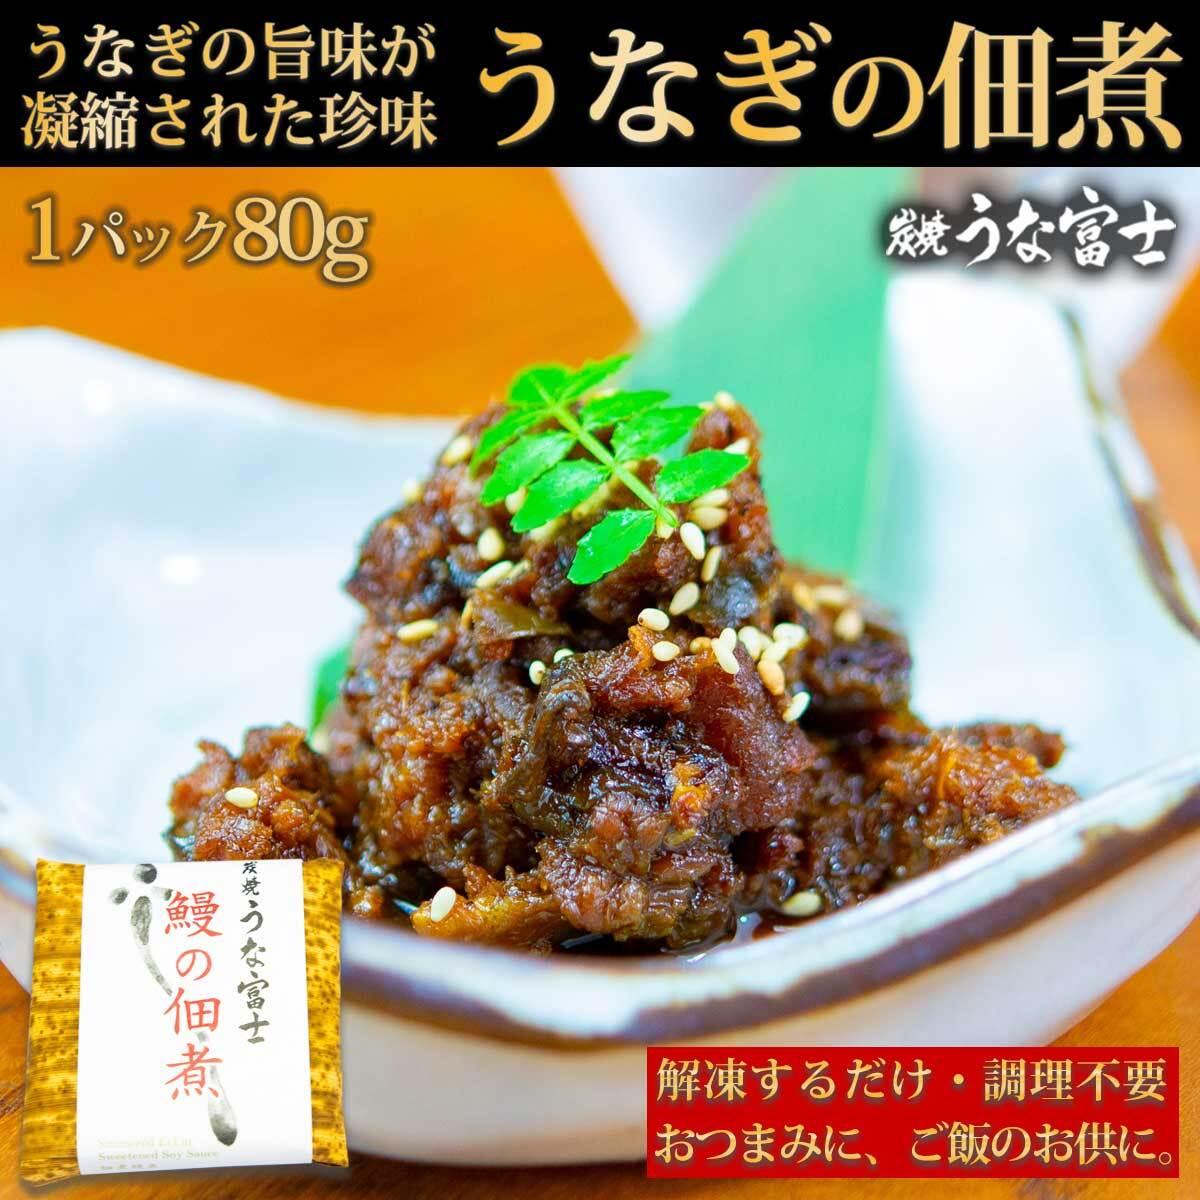 【数量限定】鰻(うなぎ)の佃煮